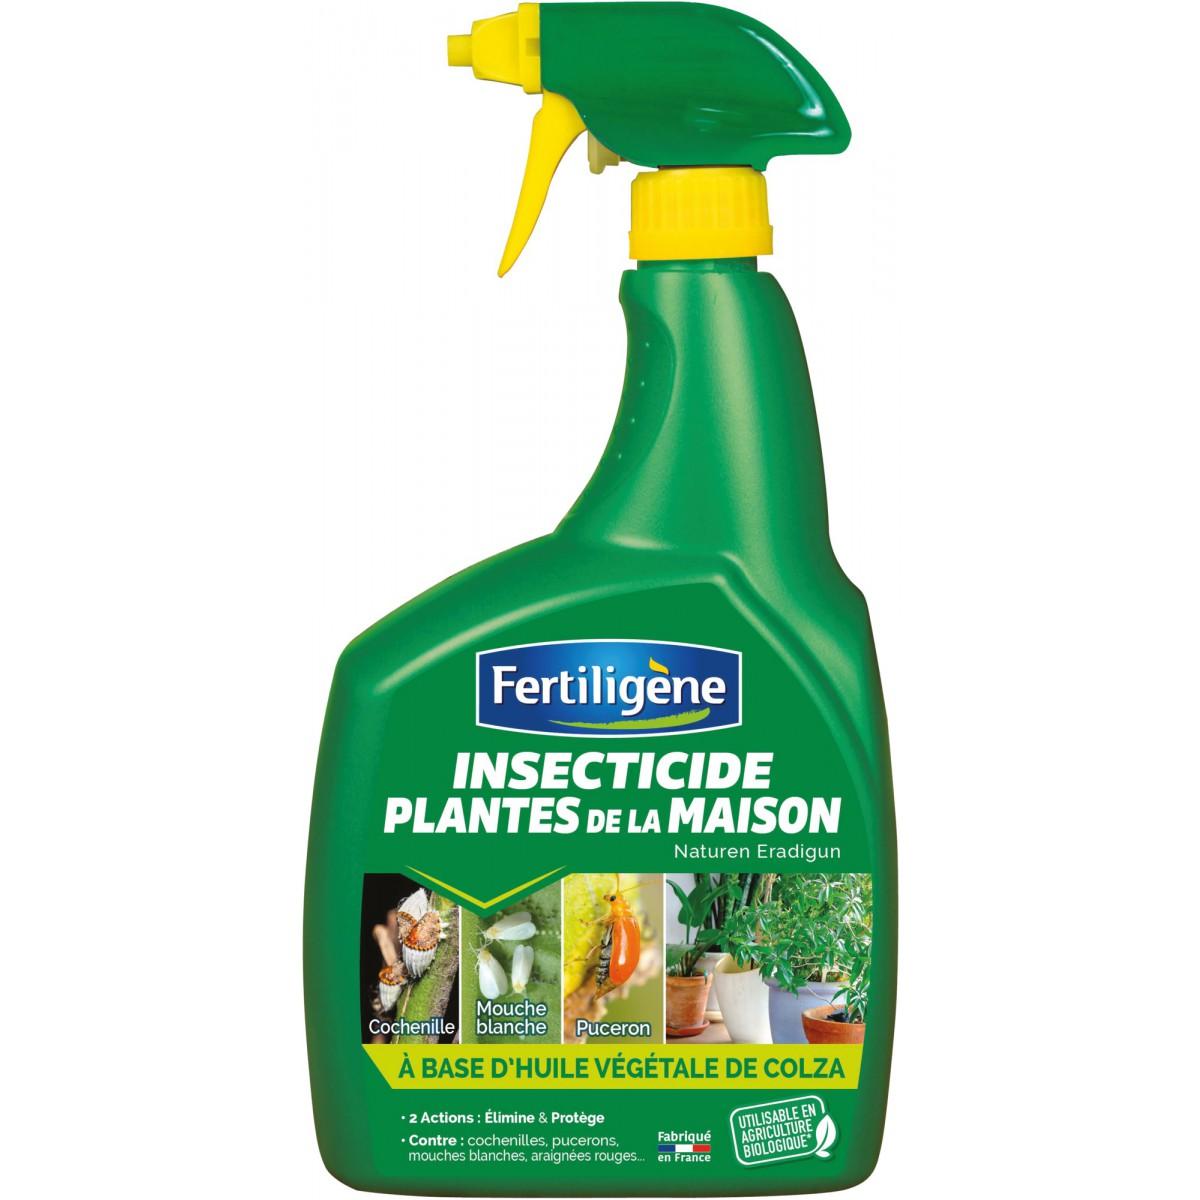 Insecticide plantes de la maison Fertiligène - 800 ml